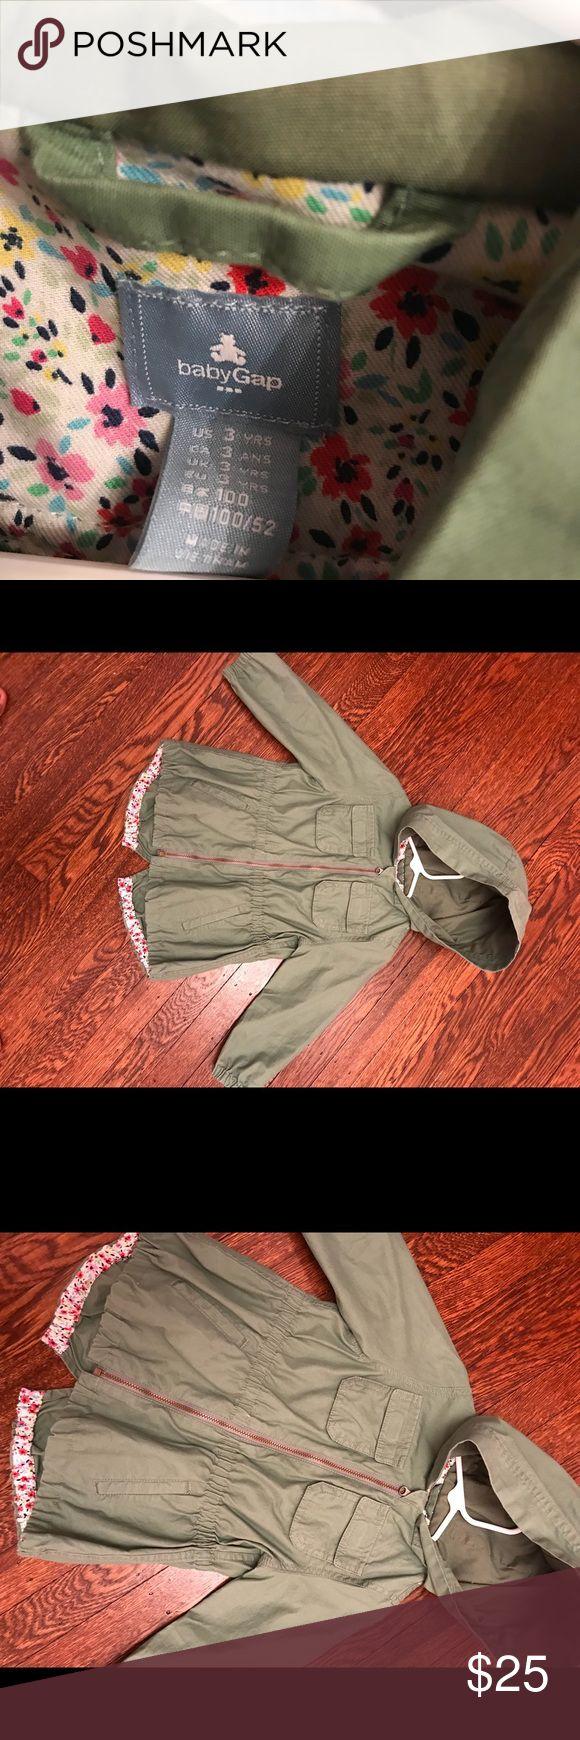 Toddler girls gap jacket size 3 Toddler girls gap jacket size 3 GAP Jackets & Coats